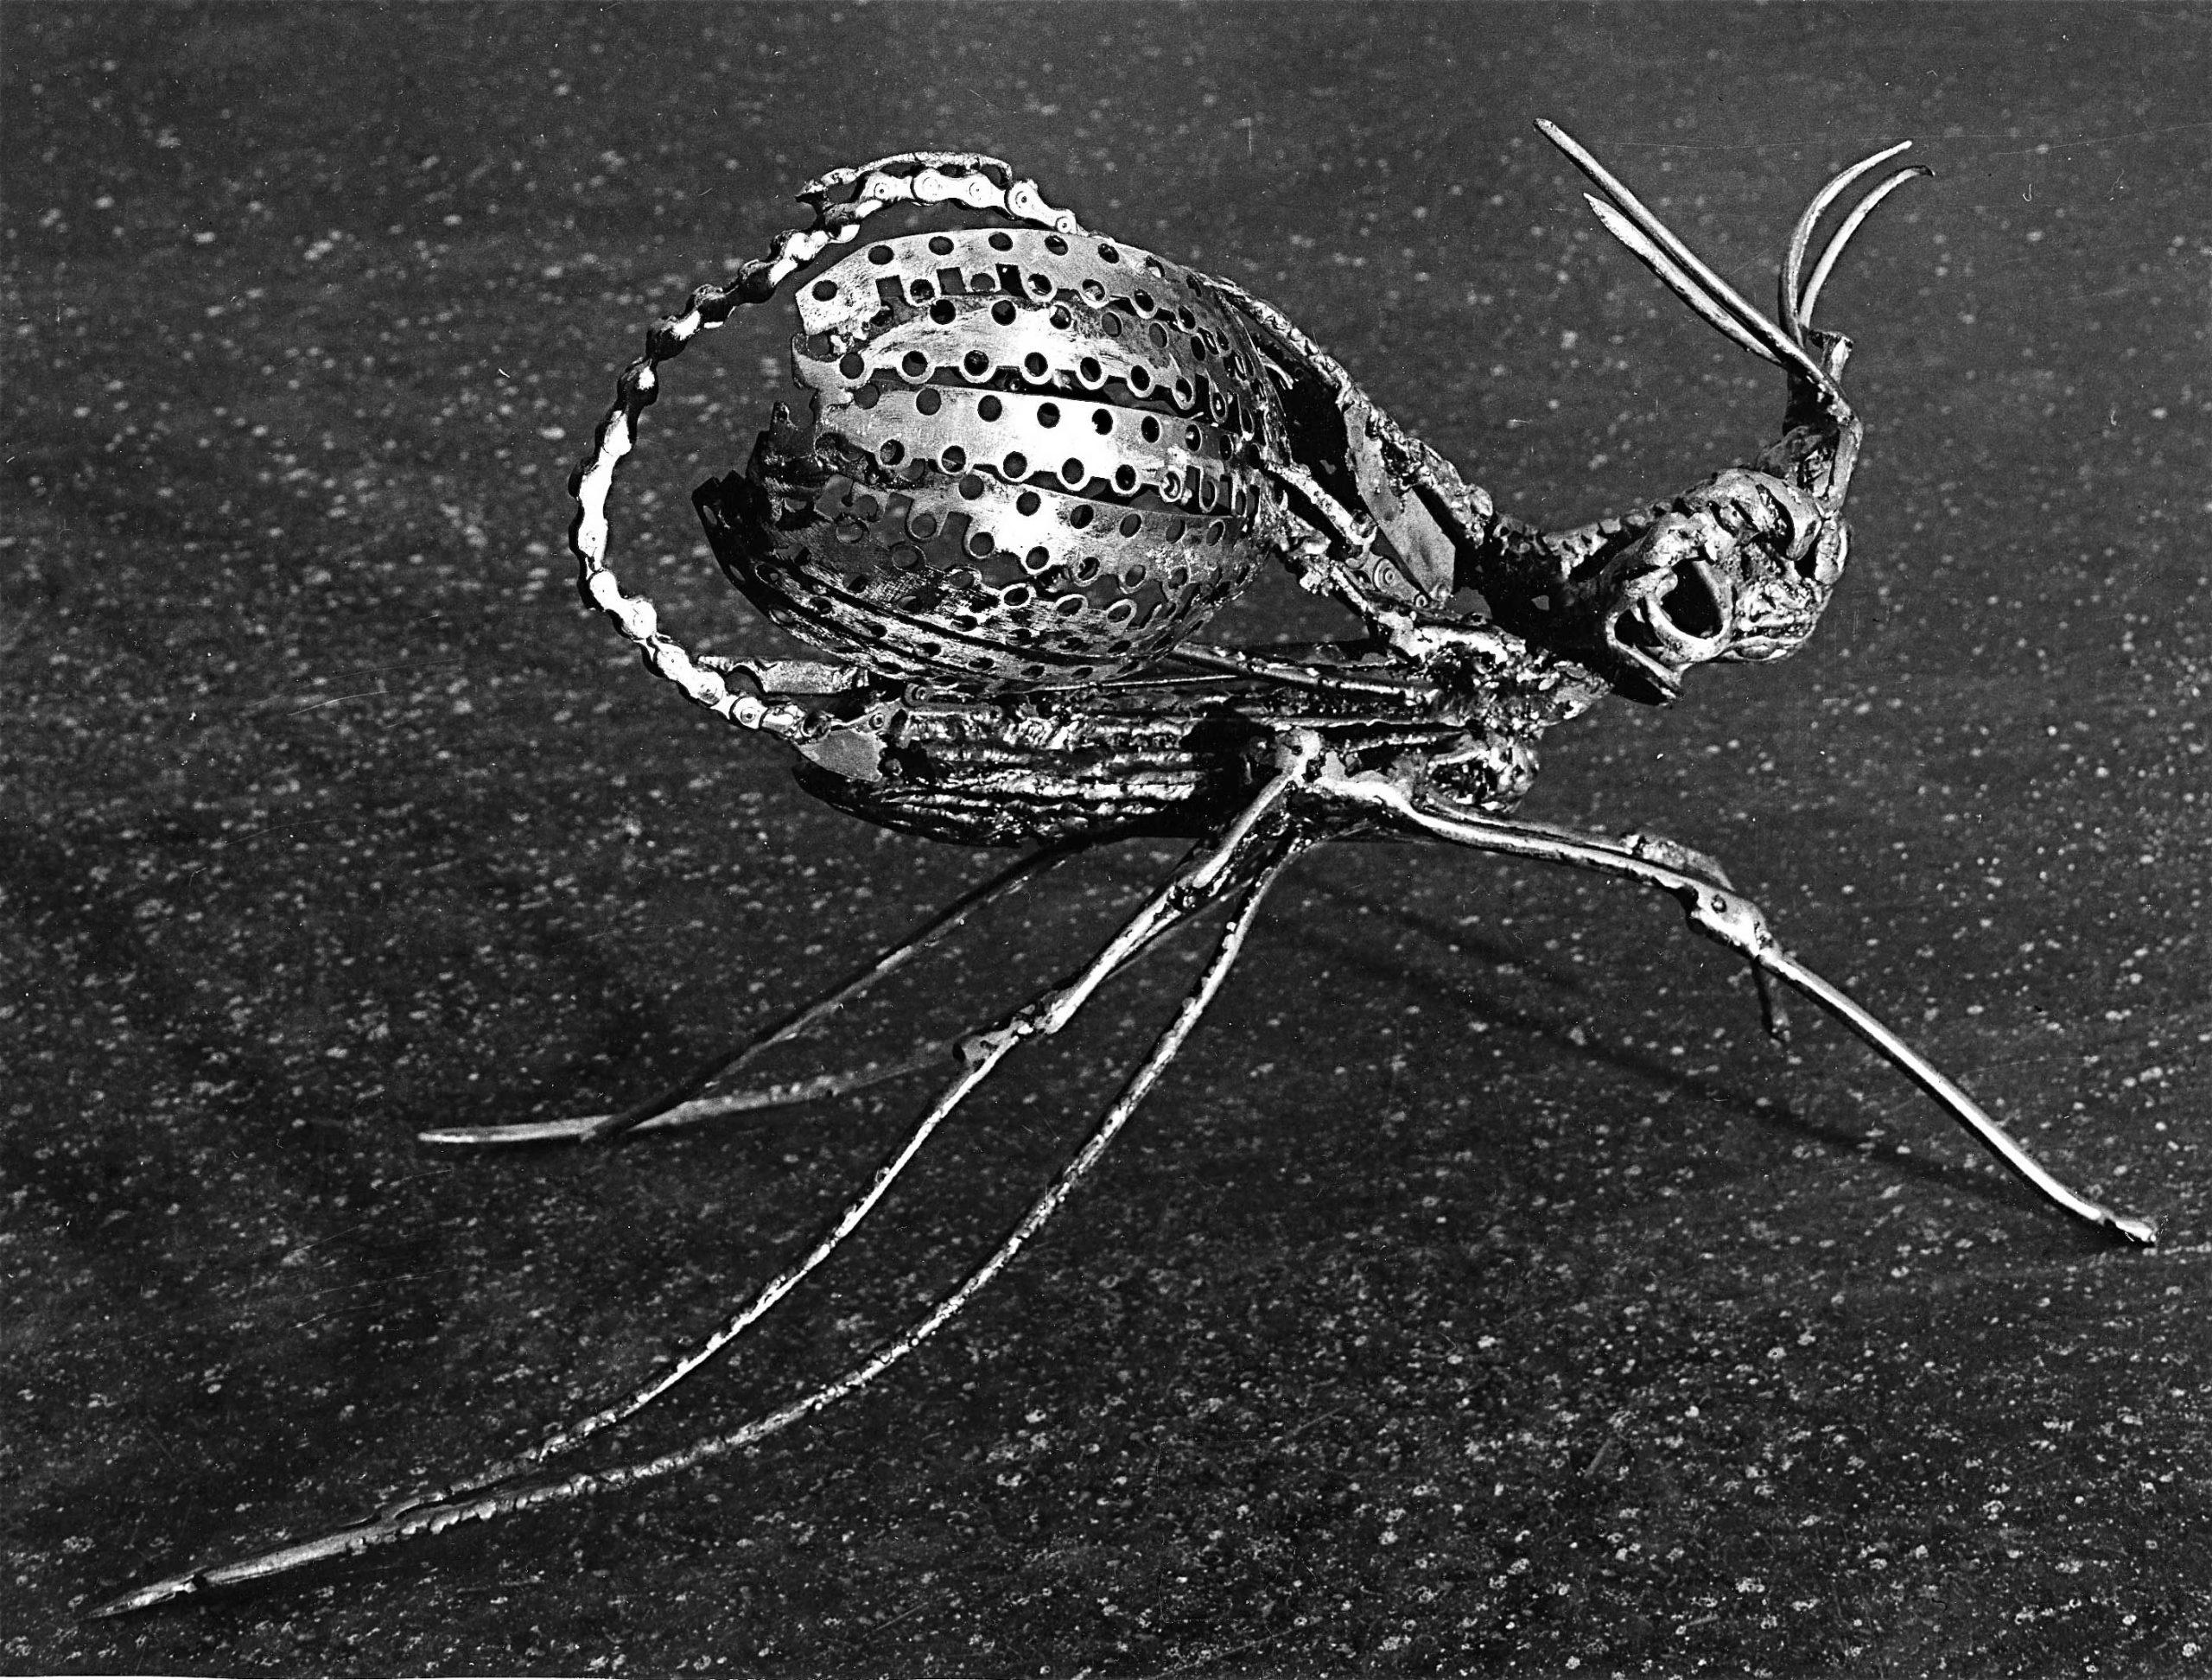 Le-moustique-01